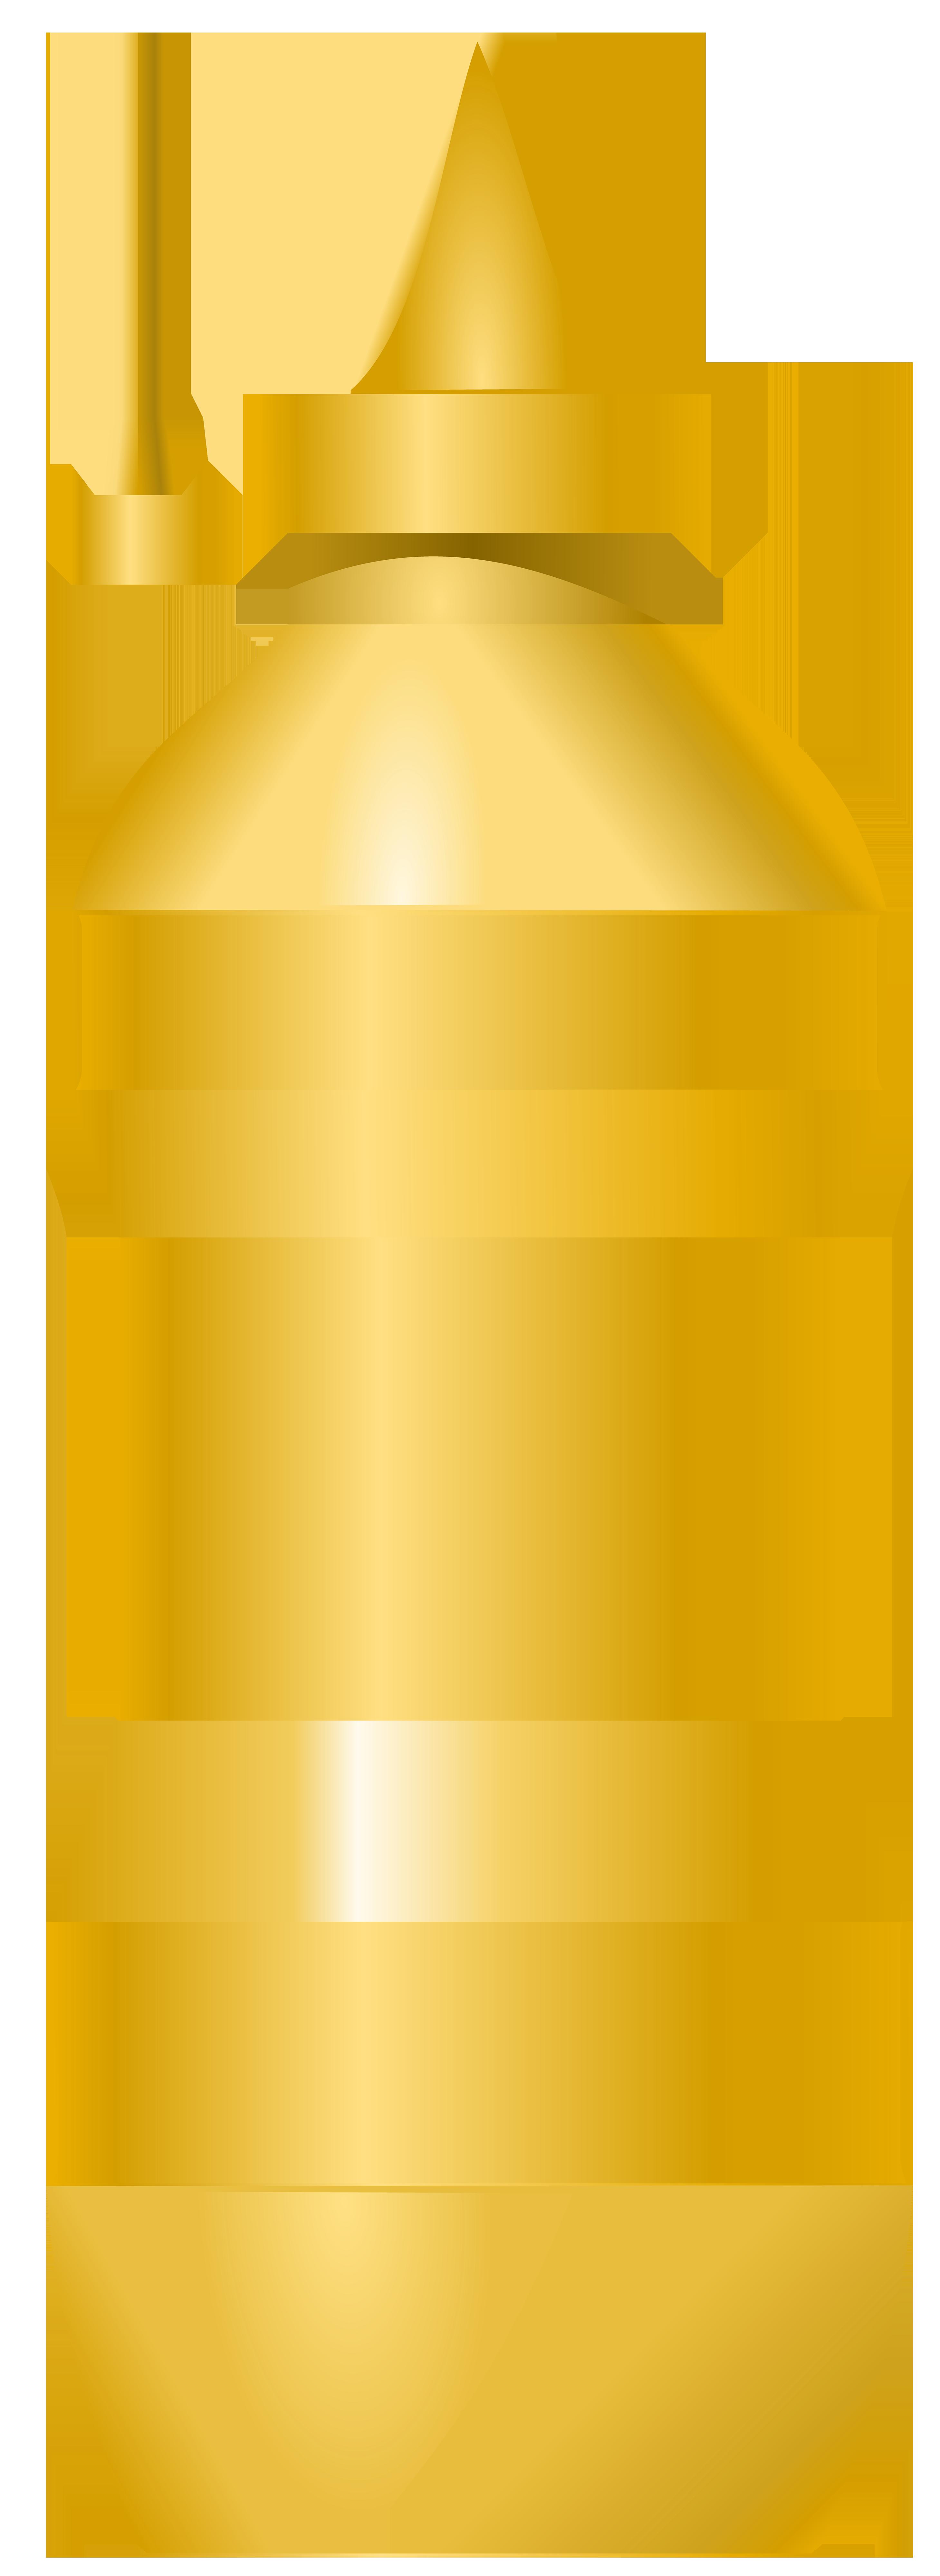 Hotdog clipart mustard. Transparent png clip art